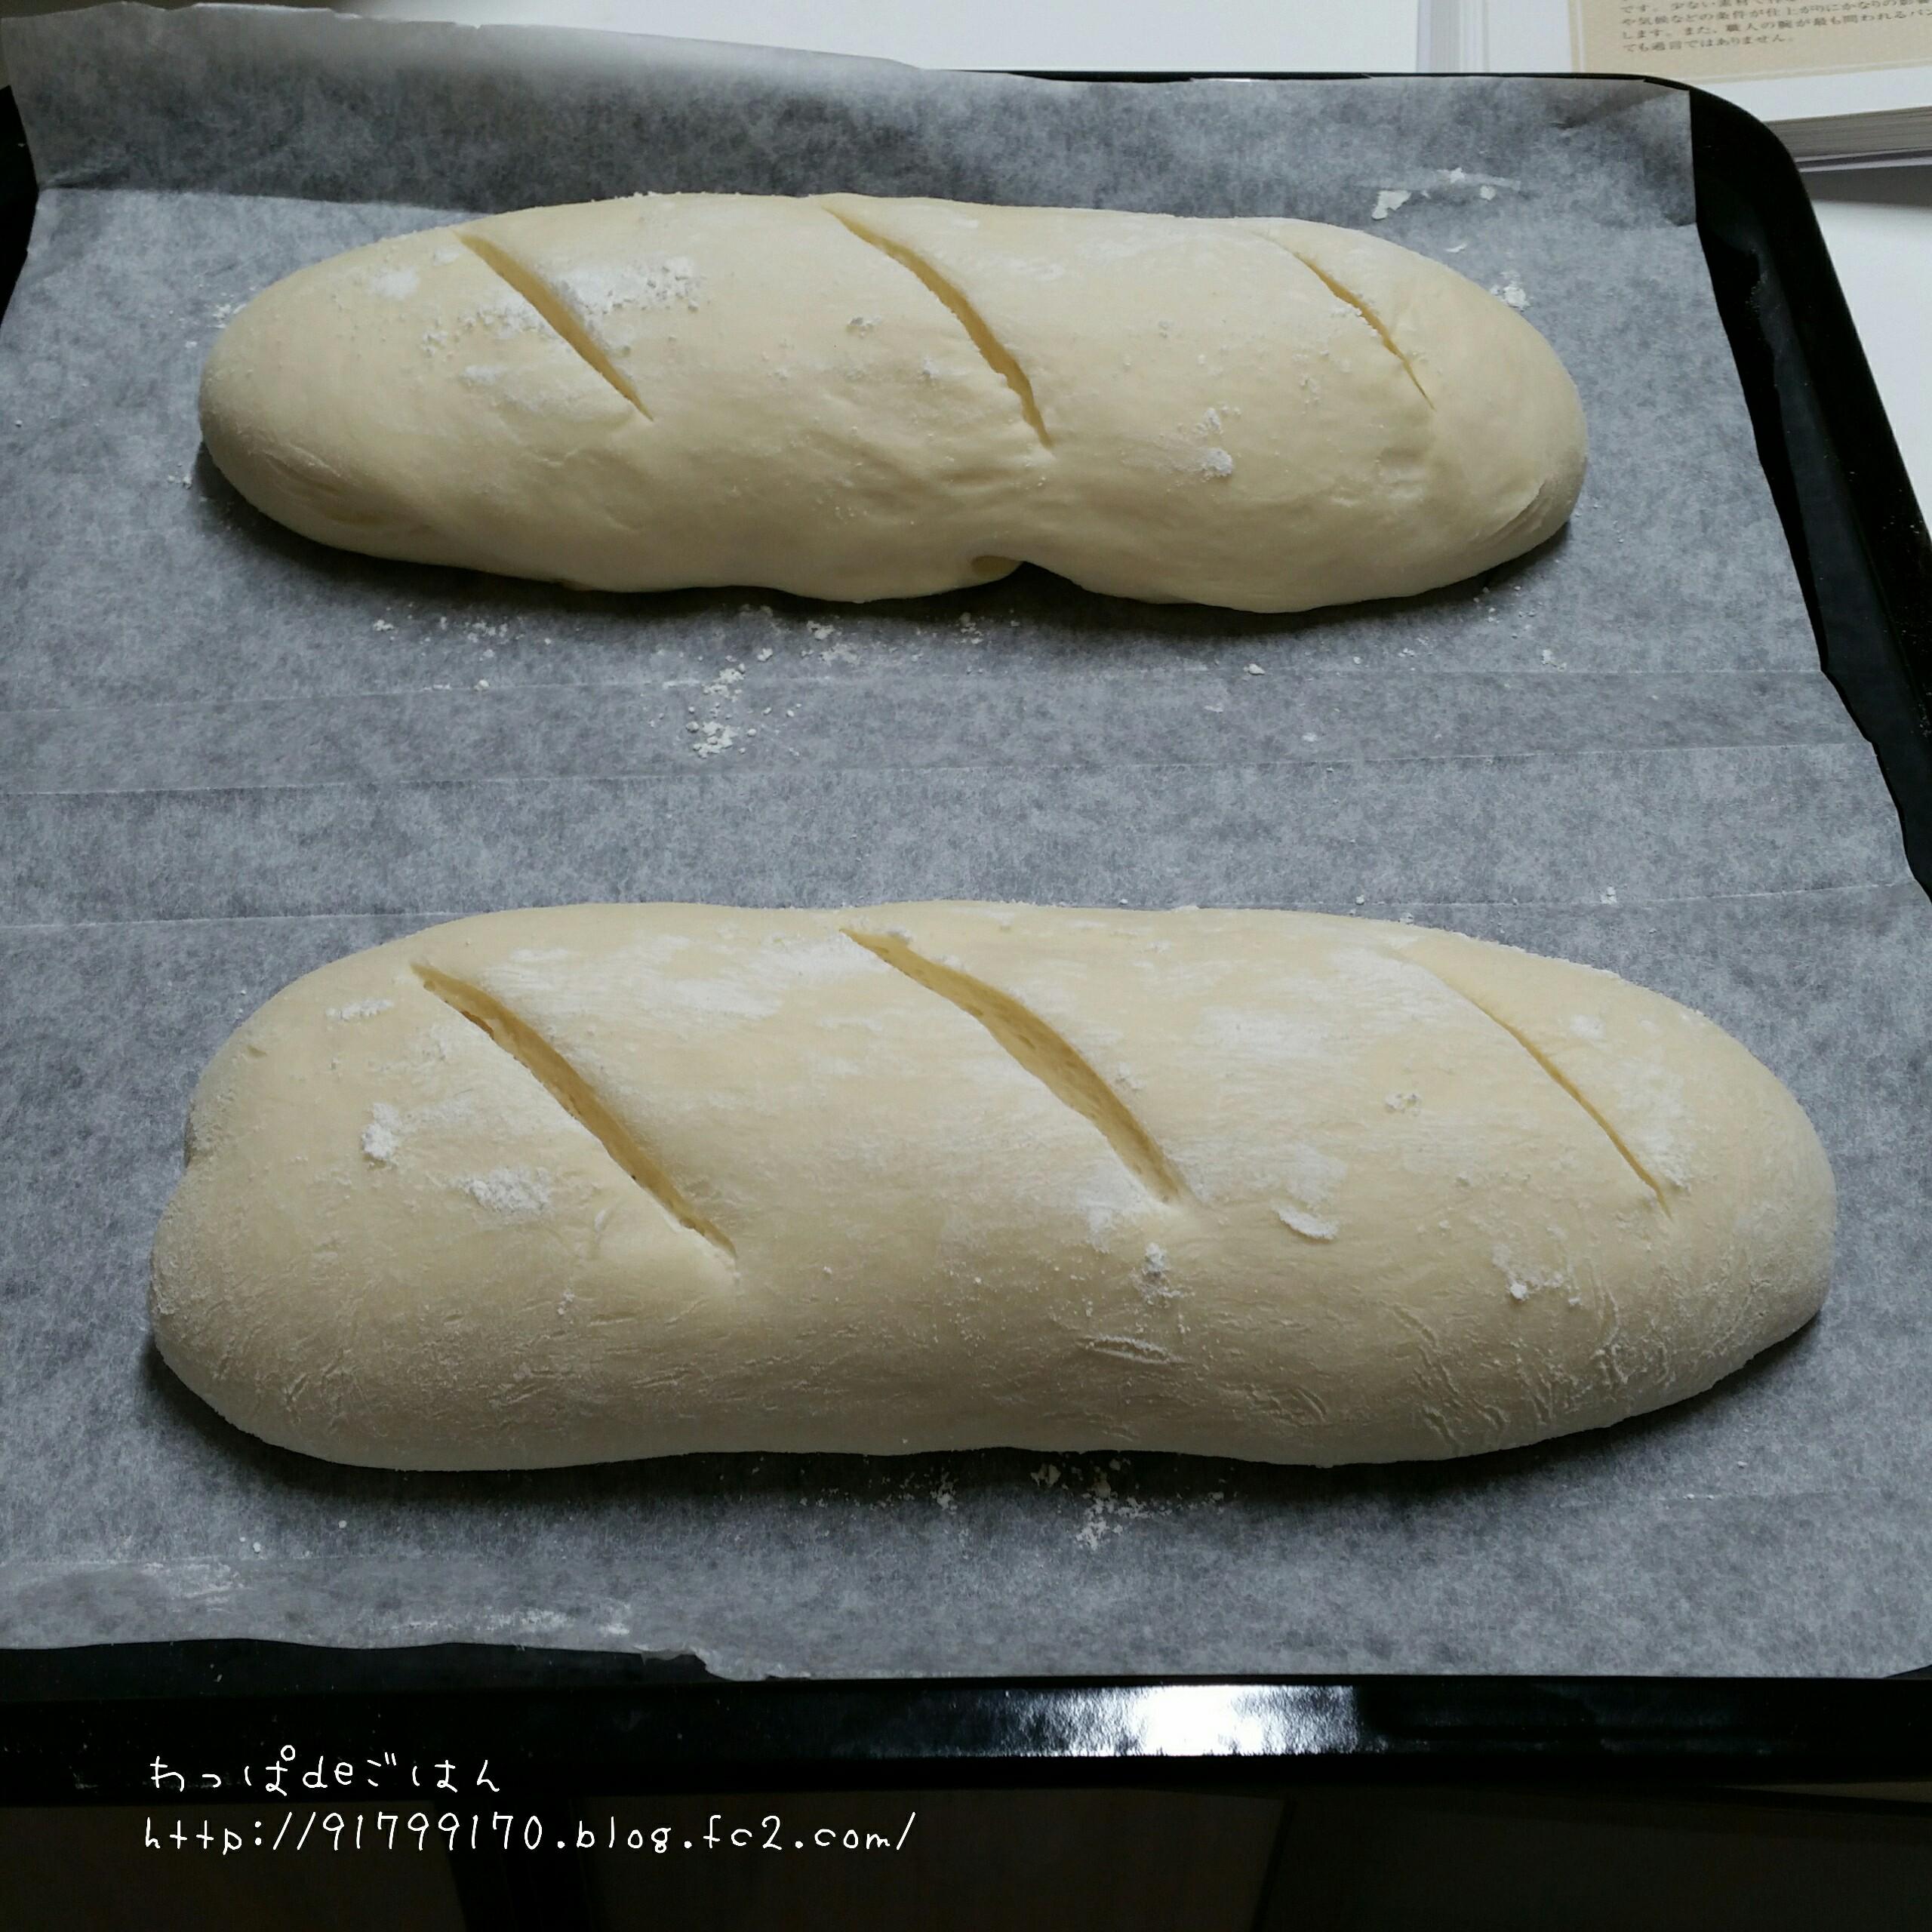 フランスパン焼く前